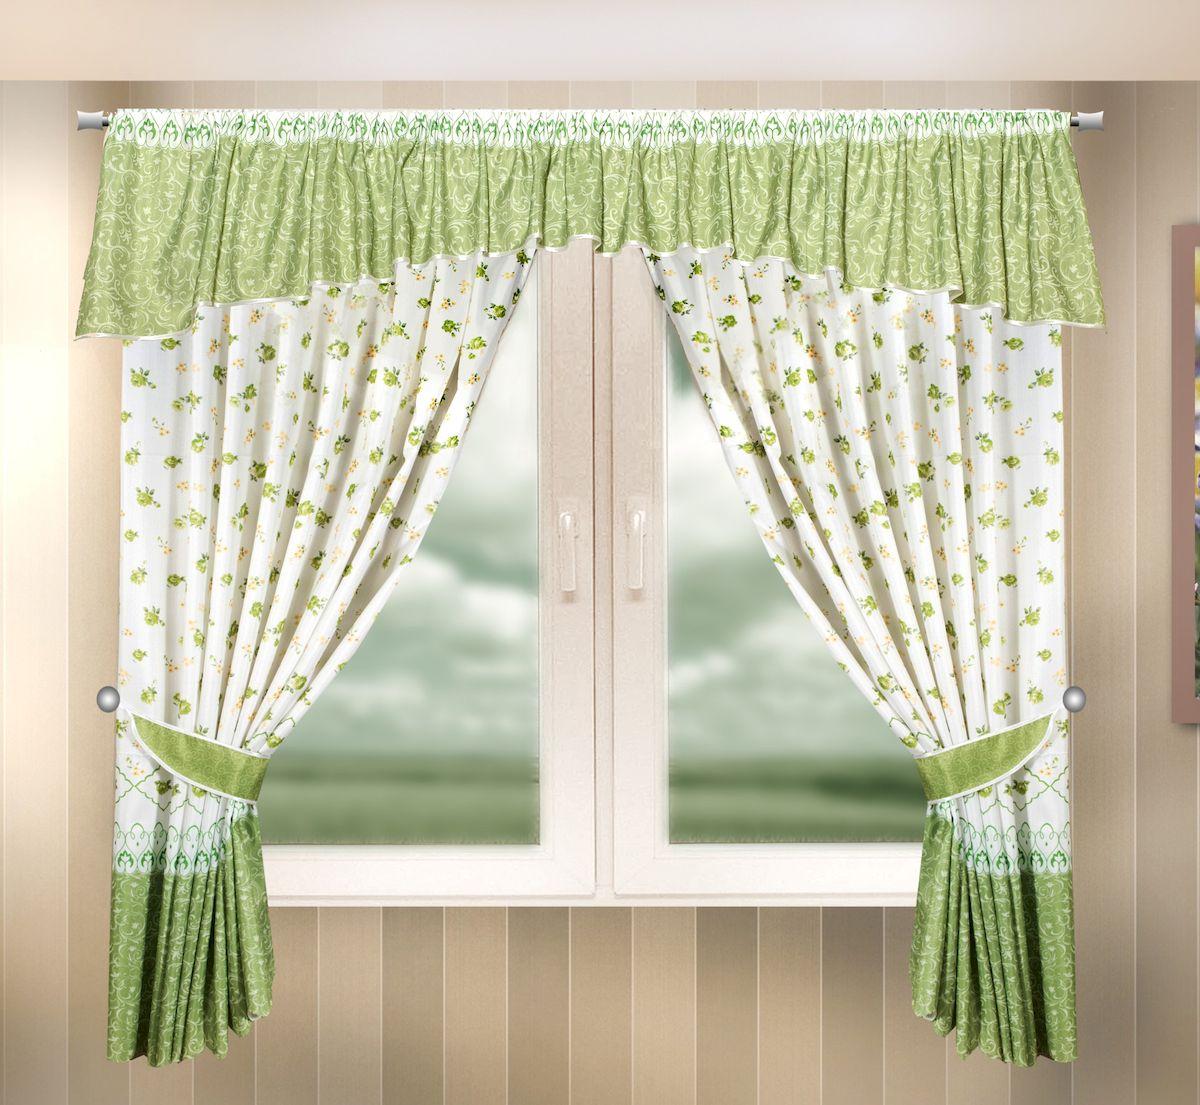 Комплект штор для кухни Zlata Korunka, на ленте, цвет: зеленый, высота 170 см. 333336333336Комплект штор для кухни Zlata Korunka, выполненный из полиэстера, великолепно украсит любое окно. Комплект состоит из ламбрекена, 2 штор и 2 подхватов. Цветочный рисунок и приятная цветовая гамма привлекут к себе внимание и органично впишутся в интерьер помещения. Этот комплект будет долгое время радовать вас и вашу семью! Комплект крепится на карниз при помощи ленты, которая поможет красиво и равномерно задрапировать верх. В комплект входит: Ламбрекен: 1 шт. Размер (Ш х В): 290 х 35 см. Штора: 2 шт. Размер (Ш х В): 140 х 170 см. Подхват: 2 шт.